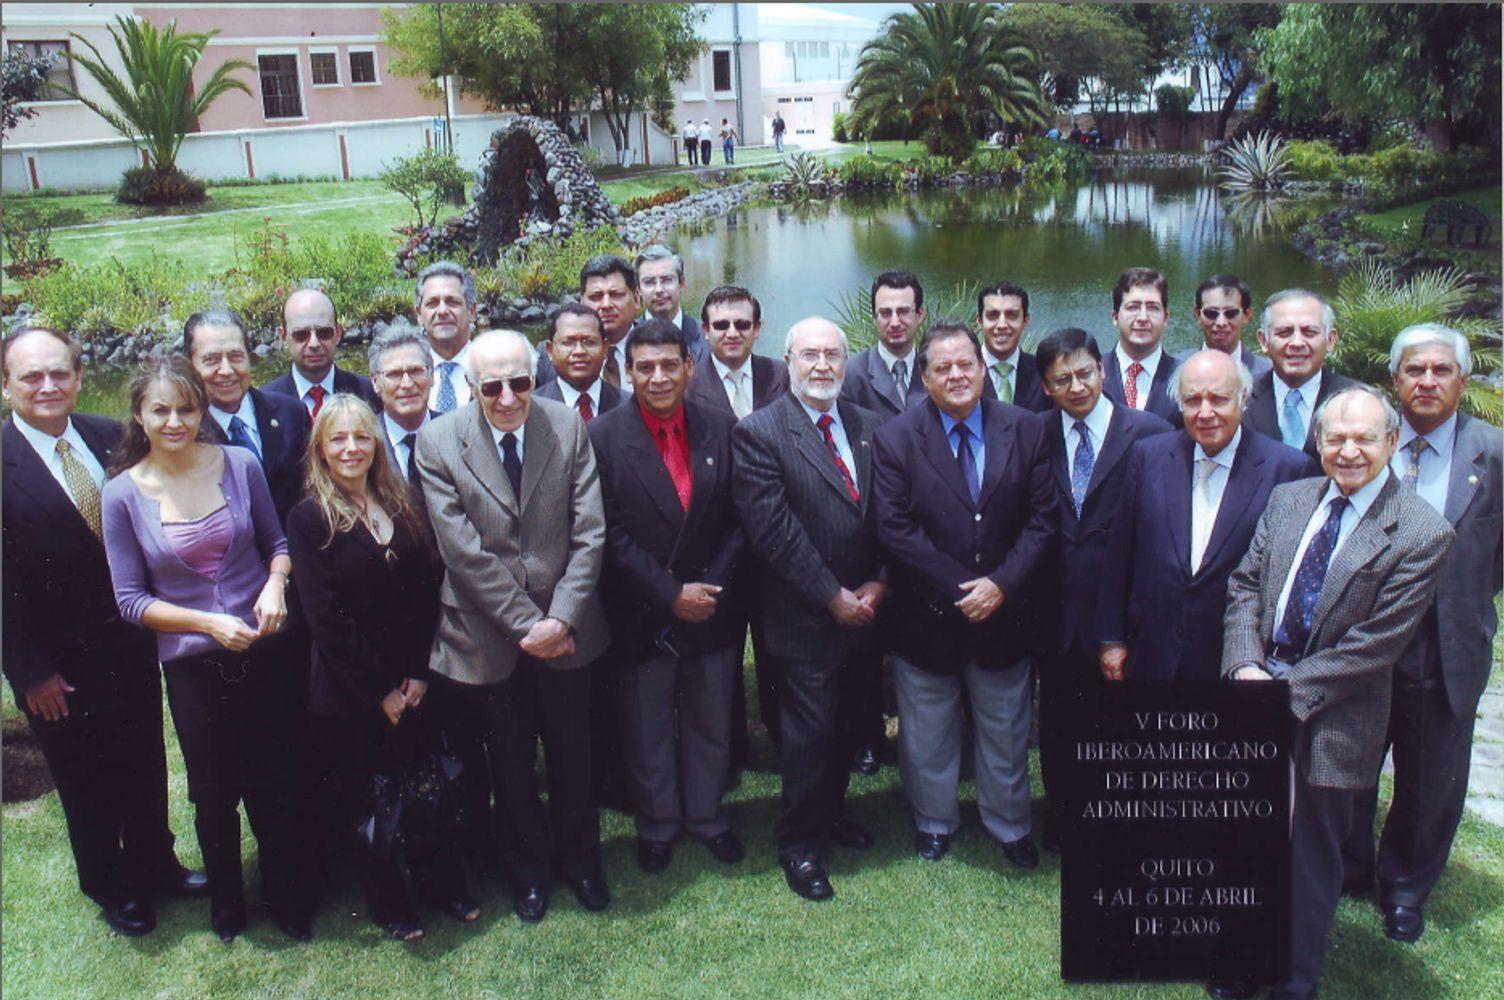 Foto de grupo: 6 de Abril de 2006 en Quito (Ecuador)